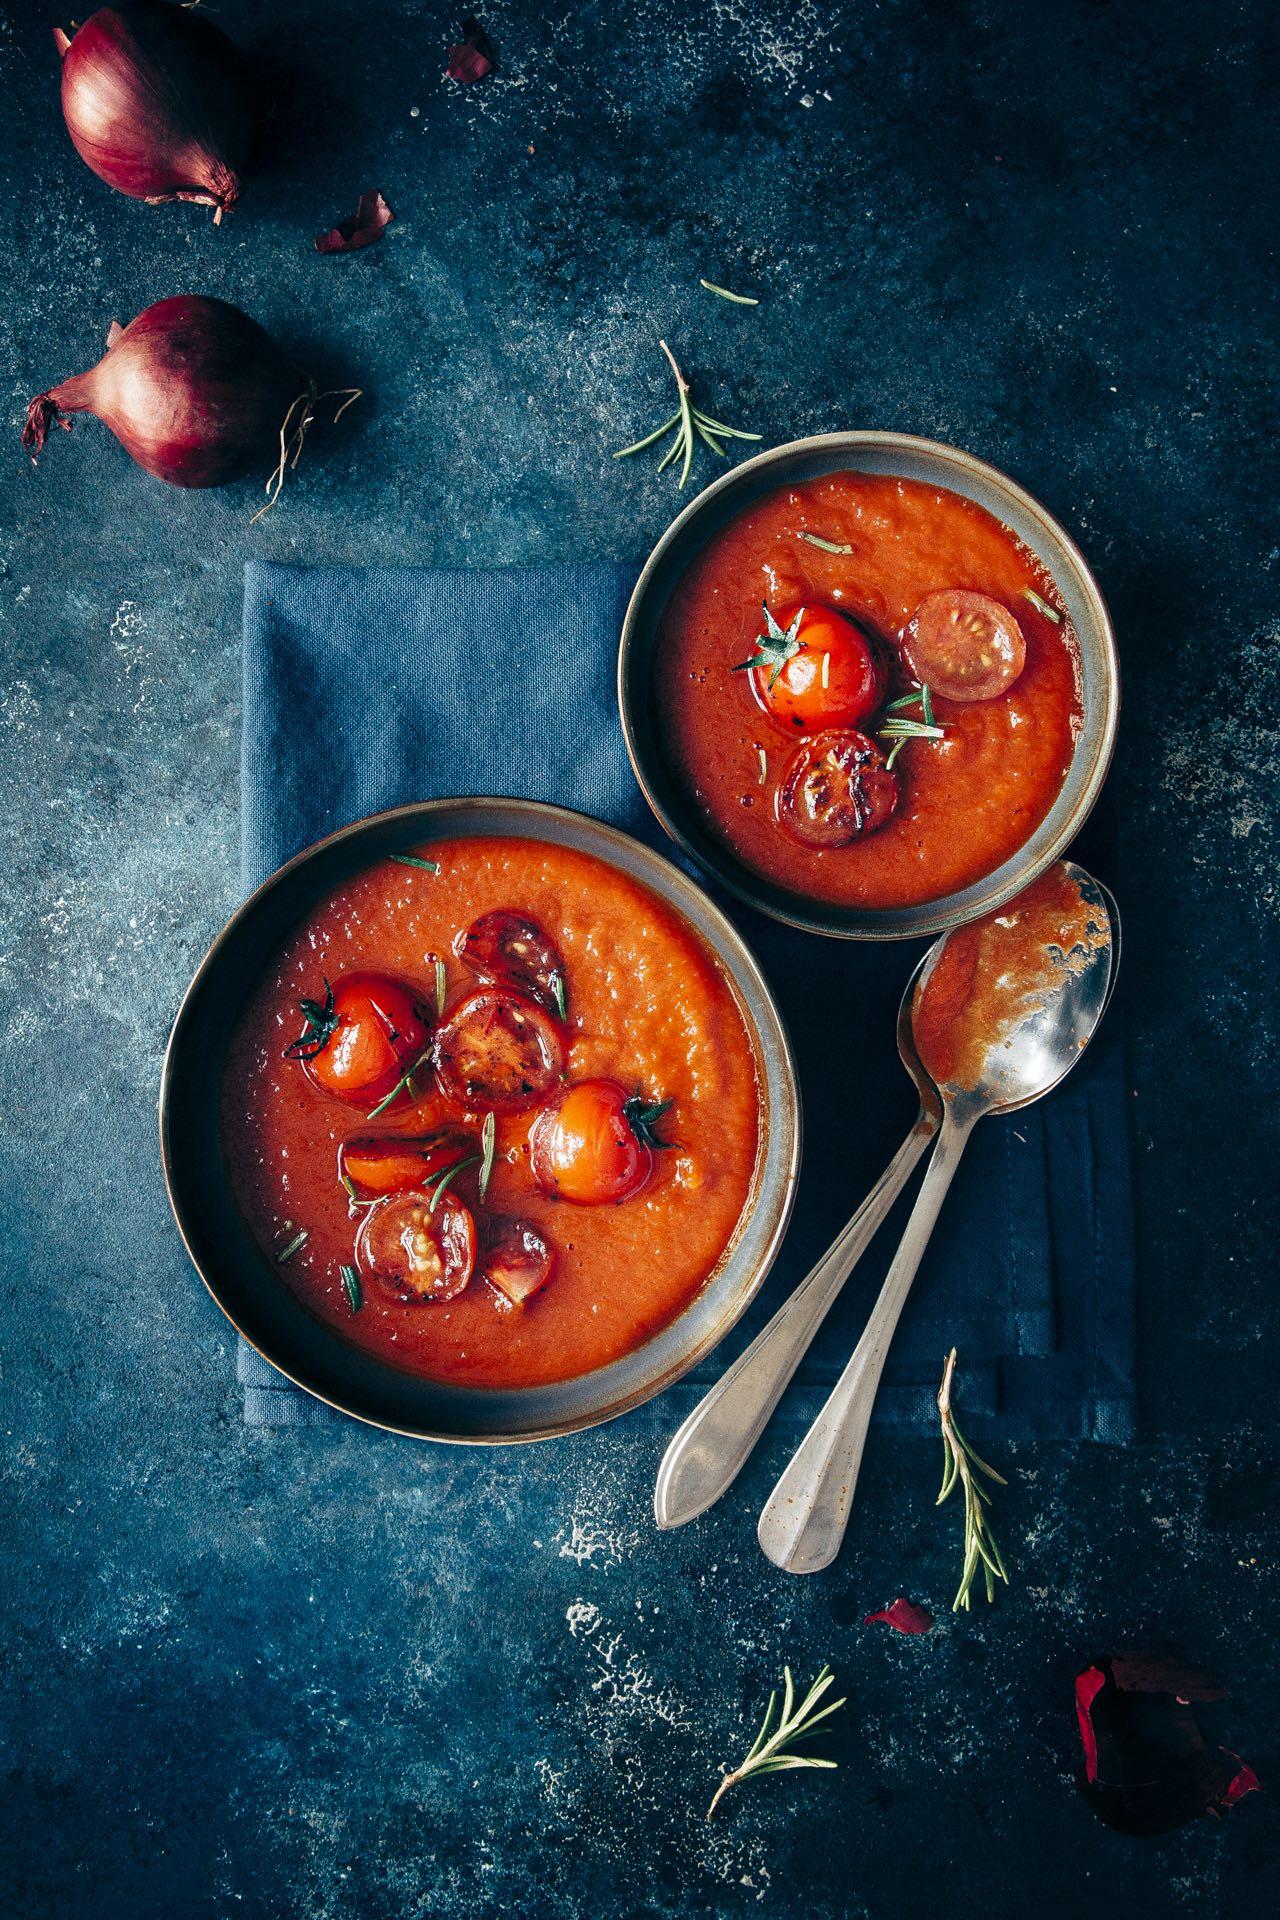 Romige tomatensoep met rode uien + geurige rozemarijn